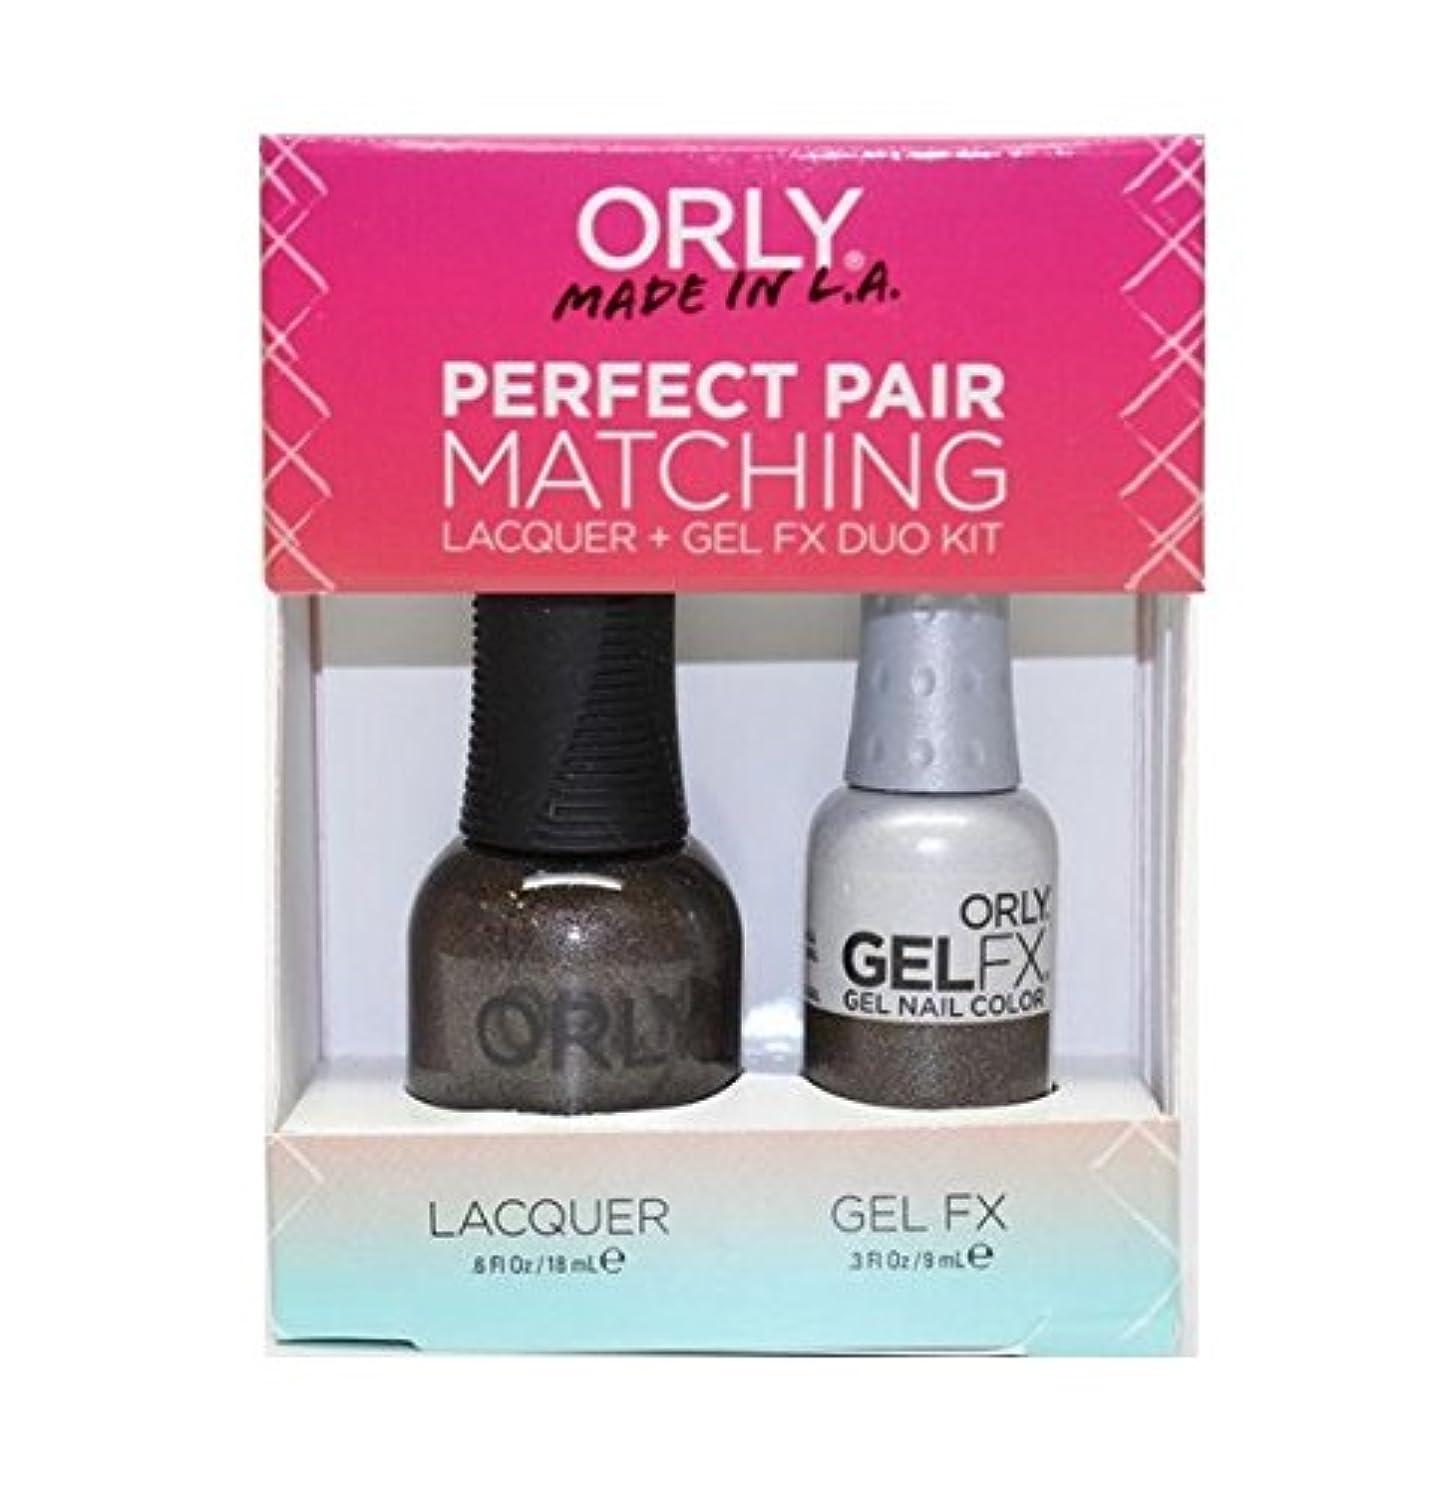 組み合わせ意義オプショナルOrly - Perfect Pair Matching Lacquer+Gel FX Kit - Seagurl - 0.6 oz / 0.3 oz